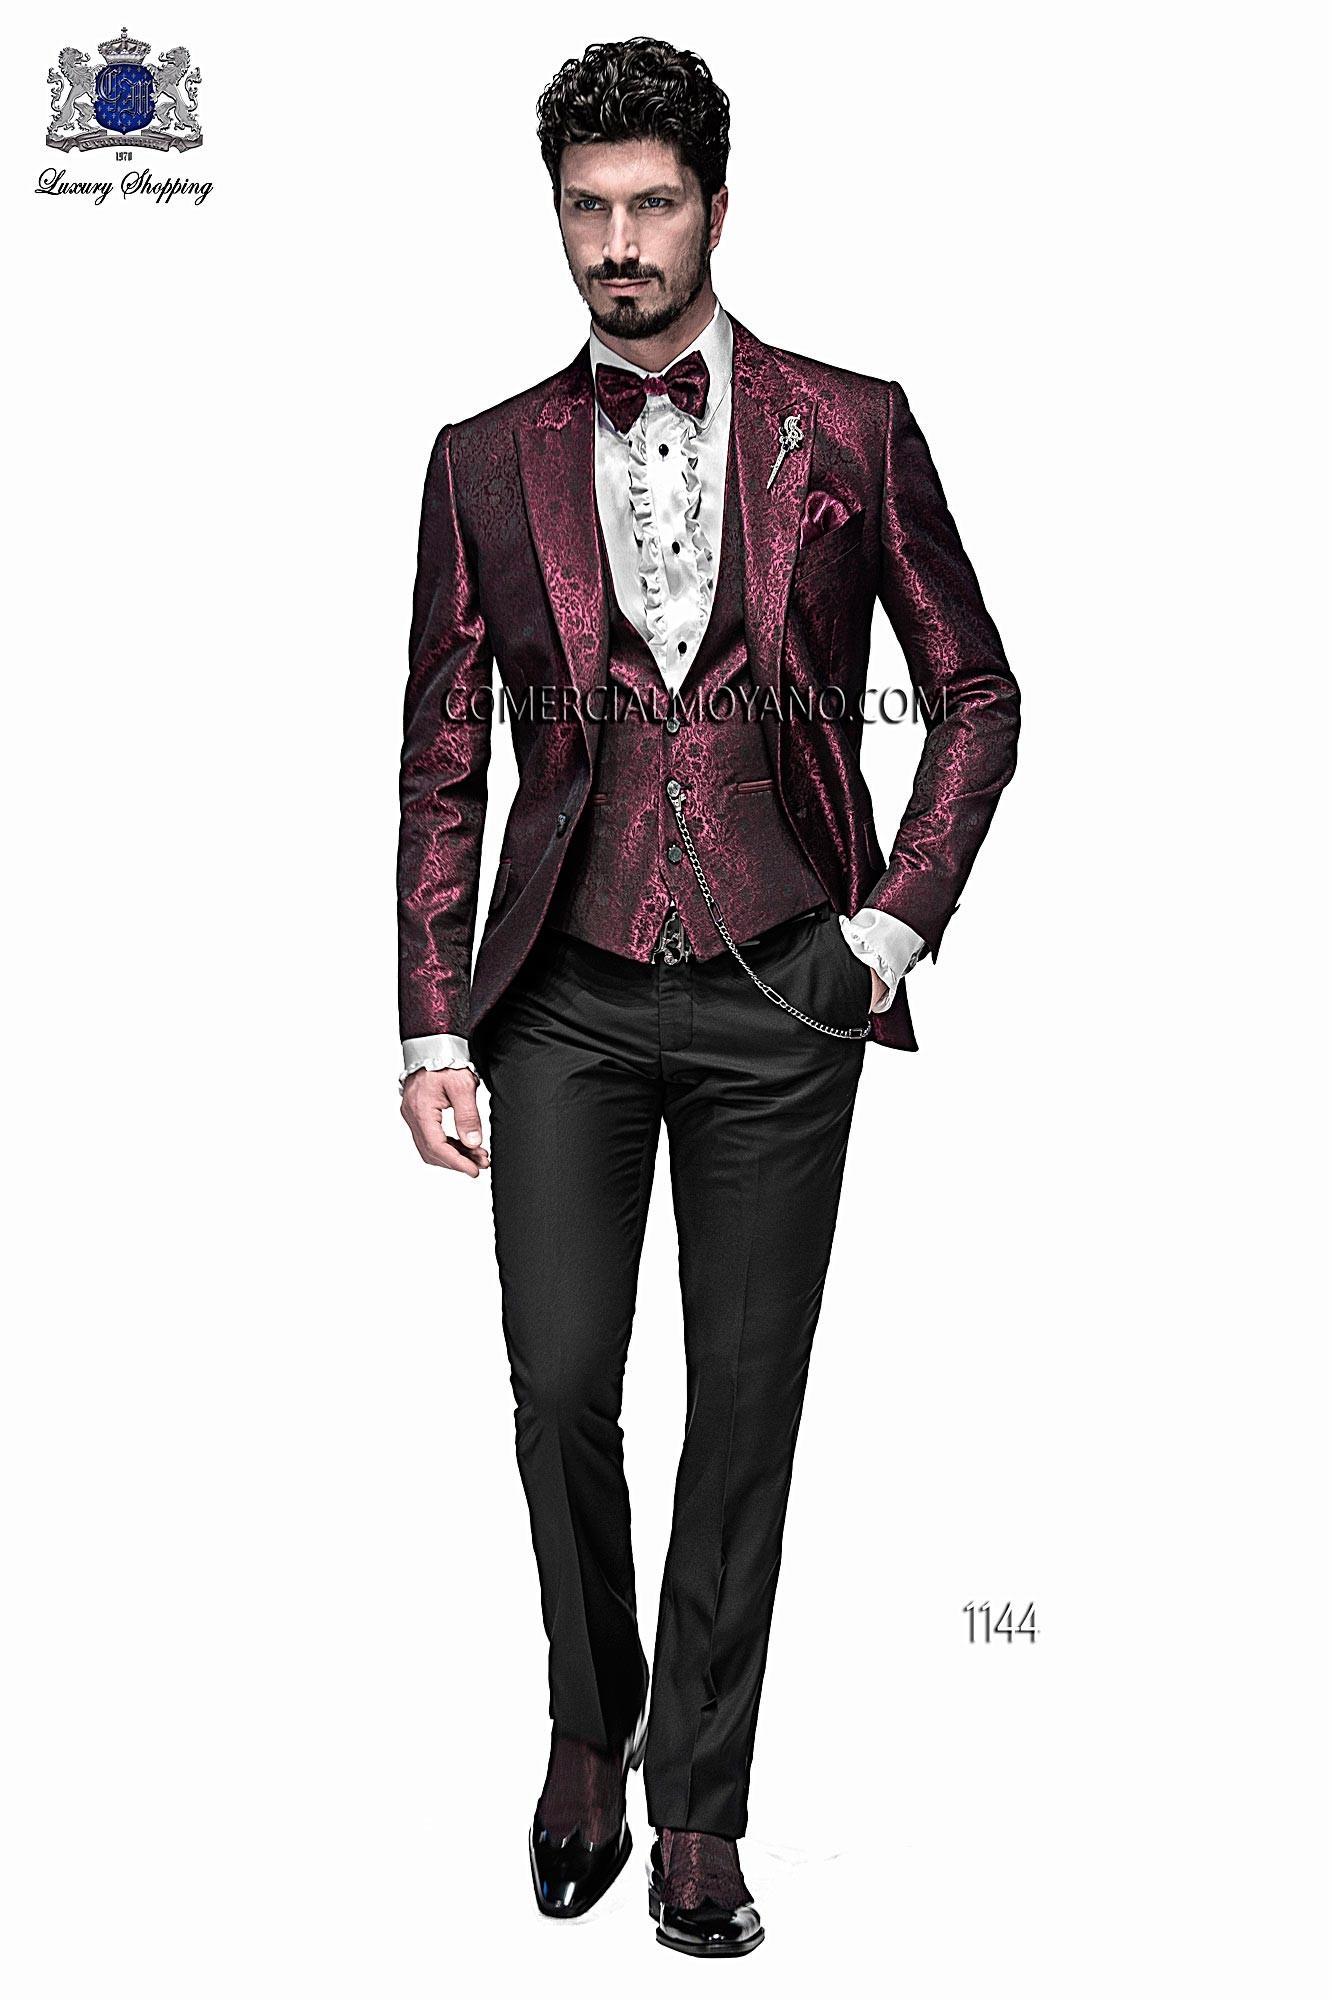 Chaqueta de moda italiano a medida en jacquard fondo burdeos y motivo negro con solapa moda en punta y 1 botón fantasía. Bolsillos con tapeta y con ojales inclinados, espalda con 1 abertura.